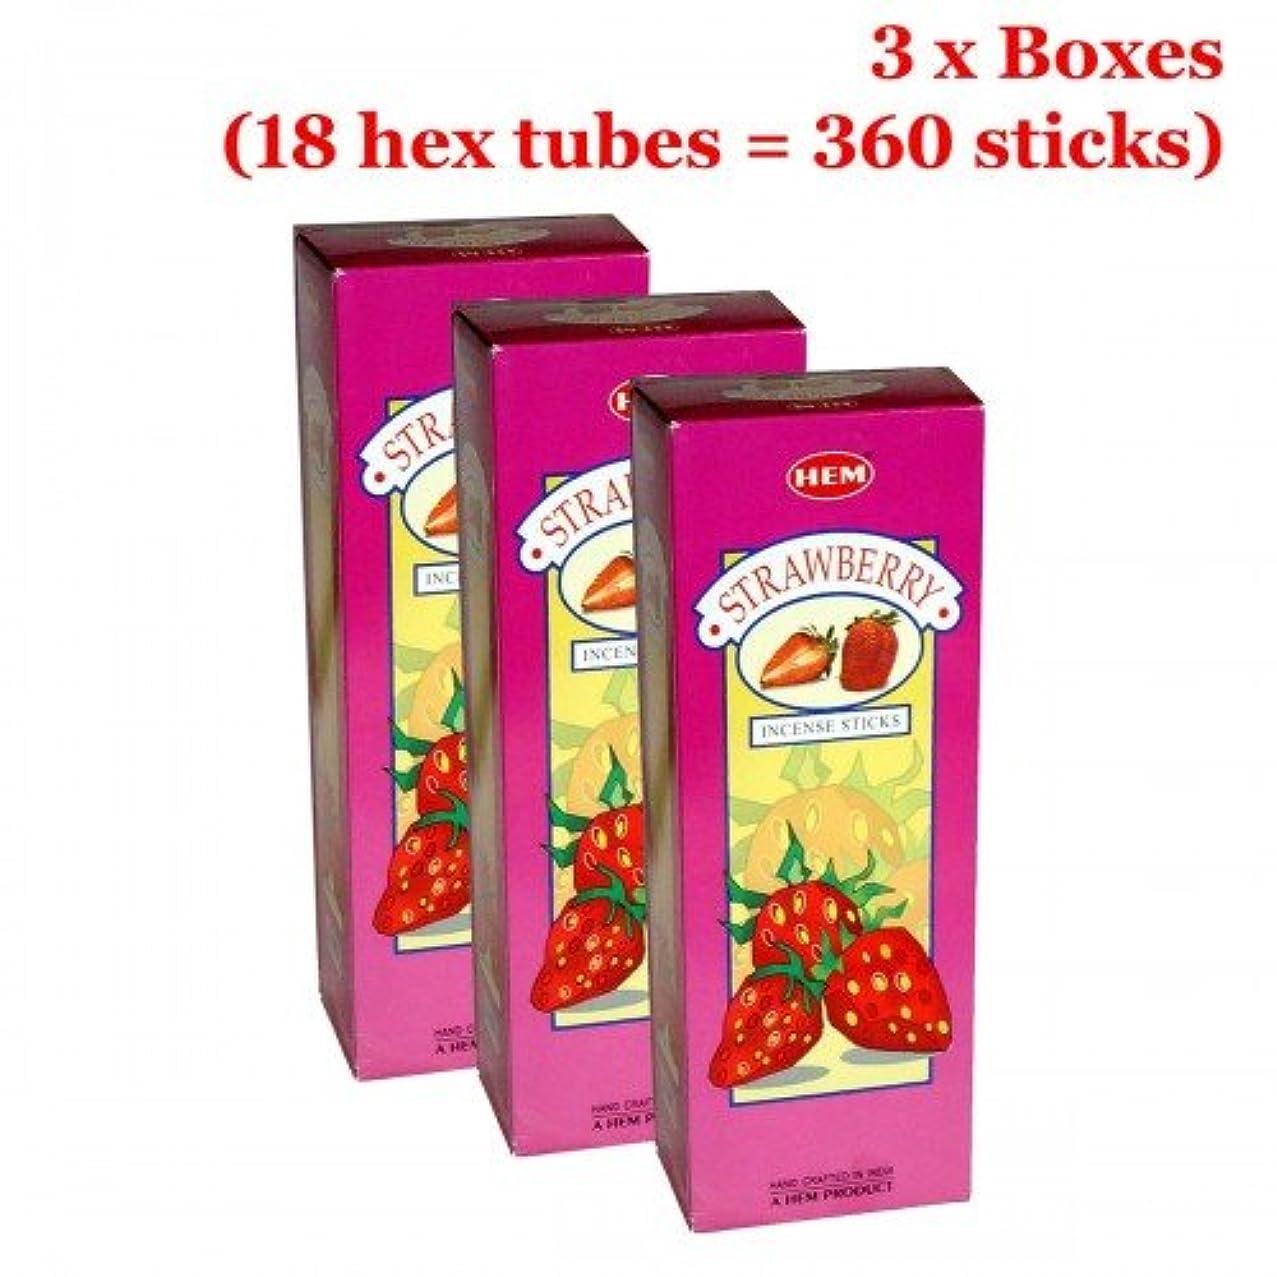 窓を洗うプロフェッショナル反応するHemストロベリー香、3ボックス – (360 Sticksバルクper order)